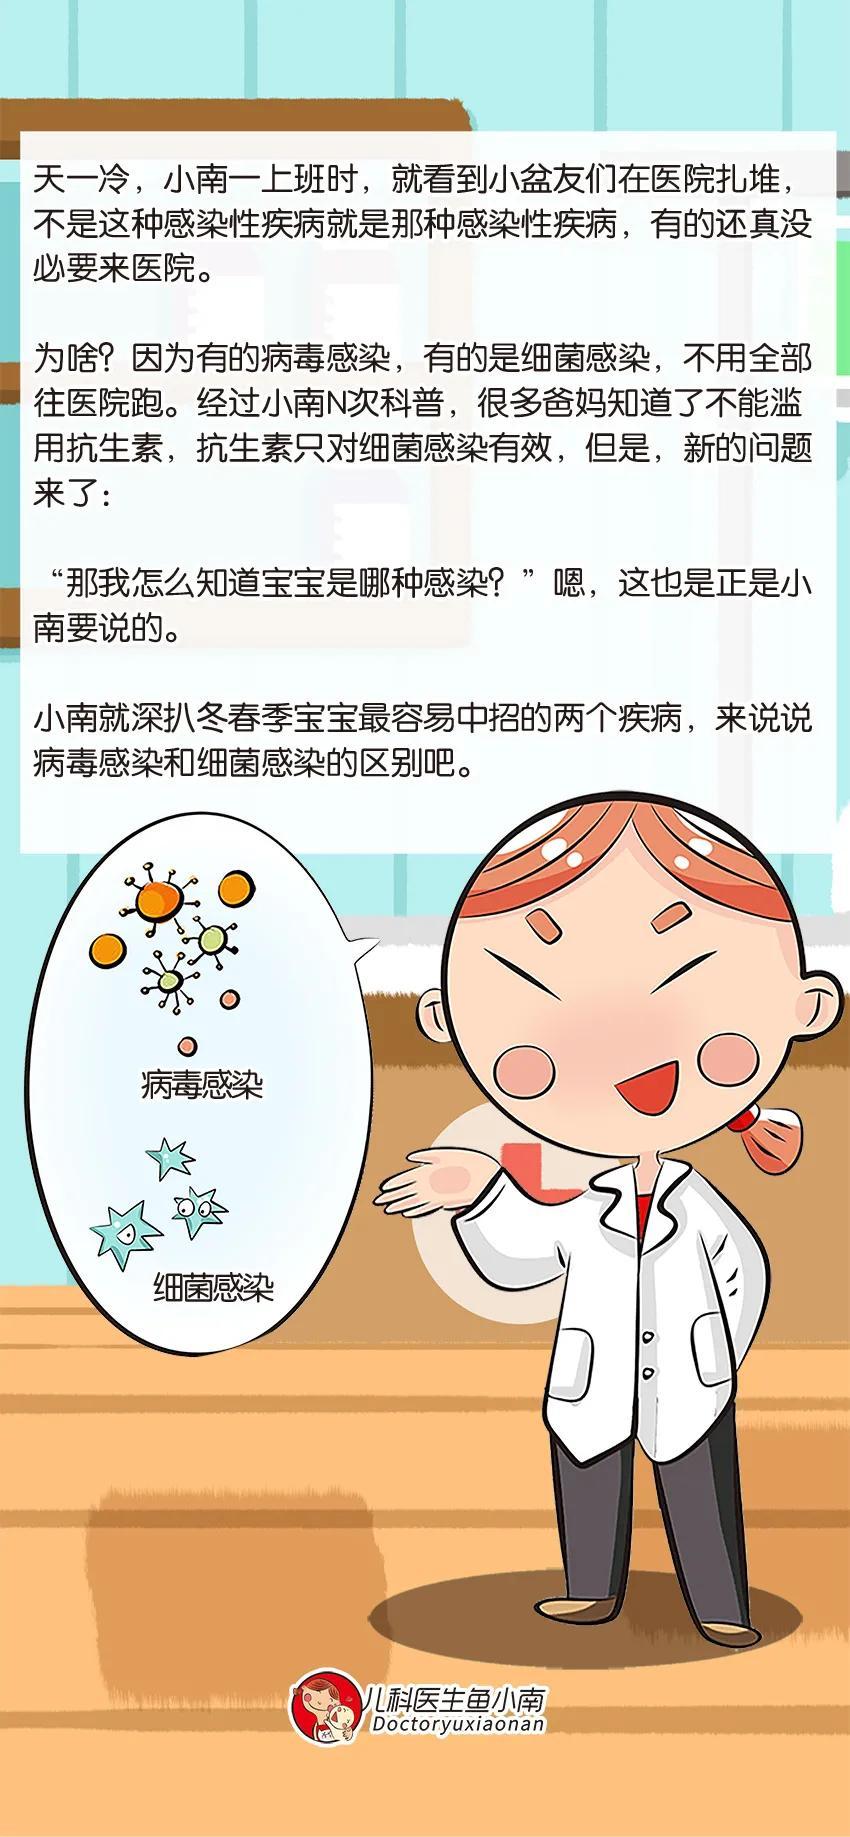 孩子是得了细菌性感冒还是病毒性感冒?迅速学会如何区分,看这里